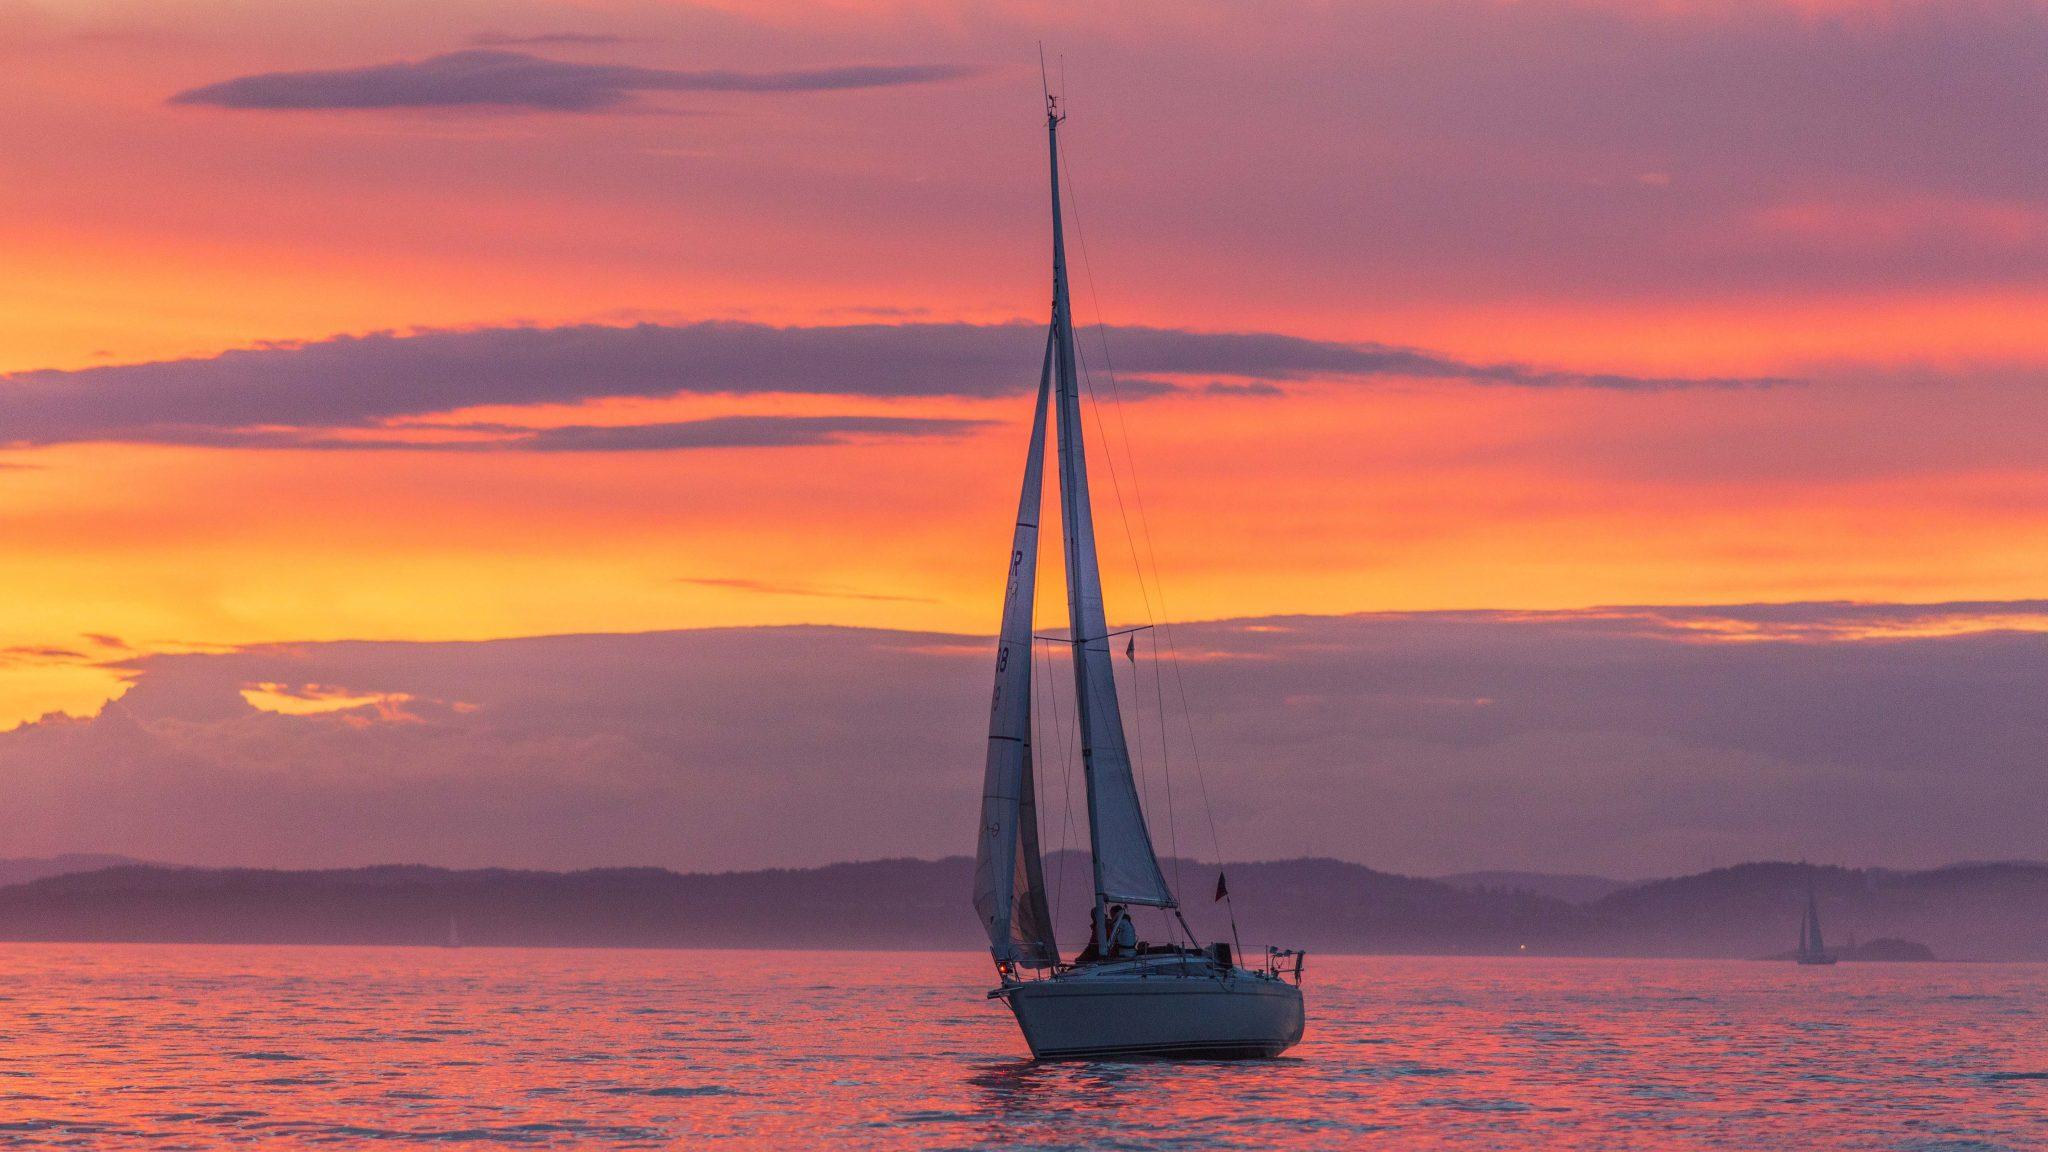 Barco en medio del mar. Navegar